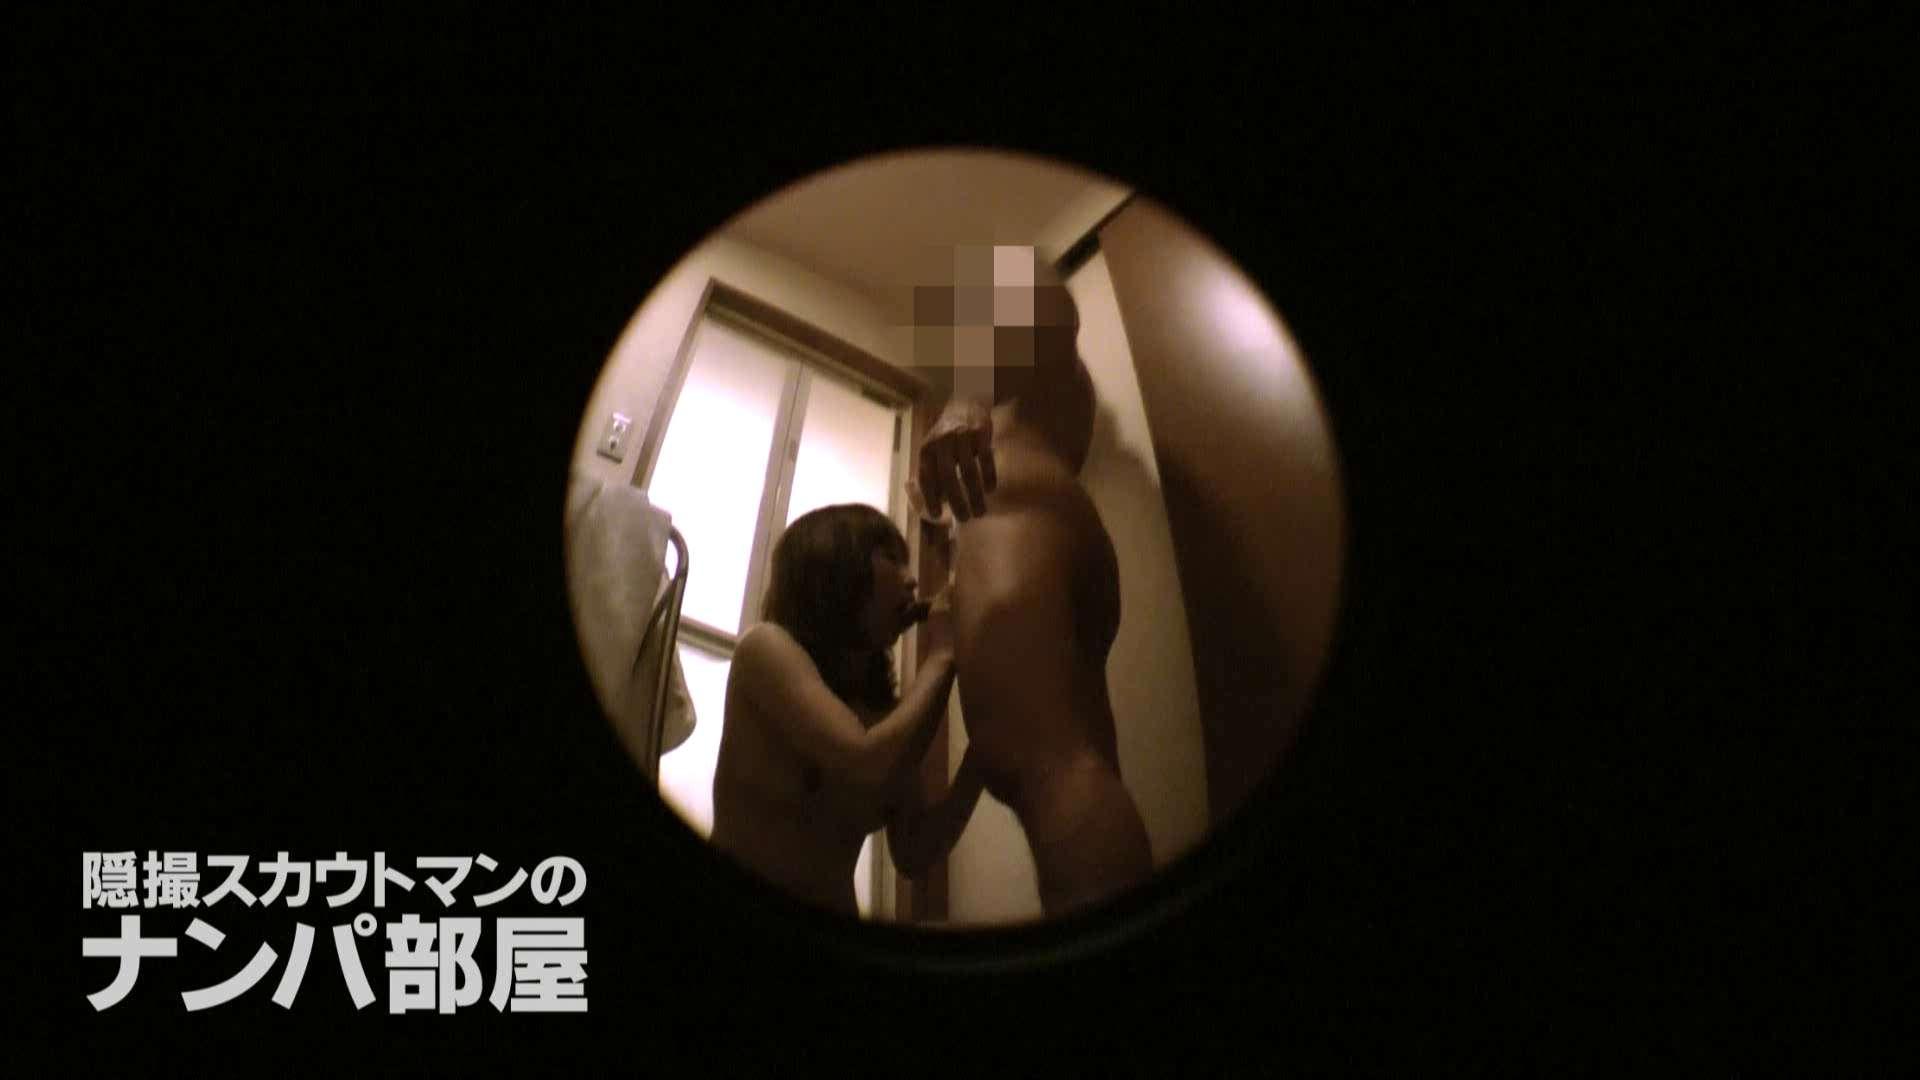 隠撮スカウトマンのナンパ部屋~風俗デビュー前のつまみ食い~ siivol.4 隠撮  91pic 45